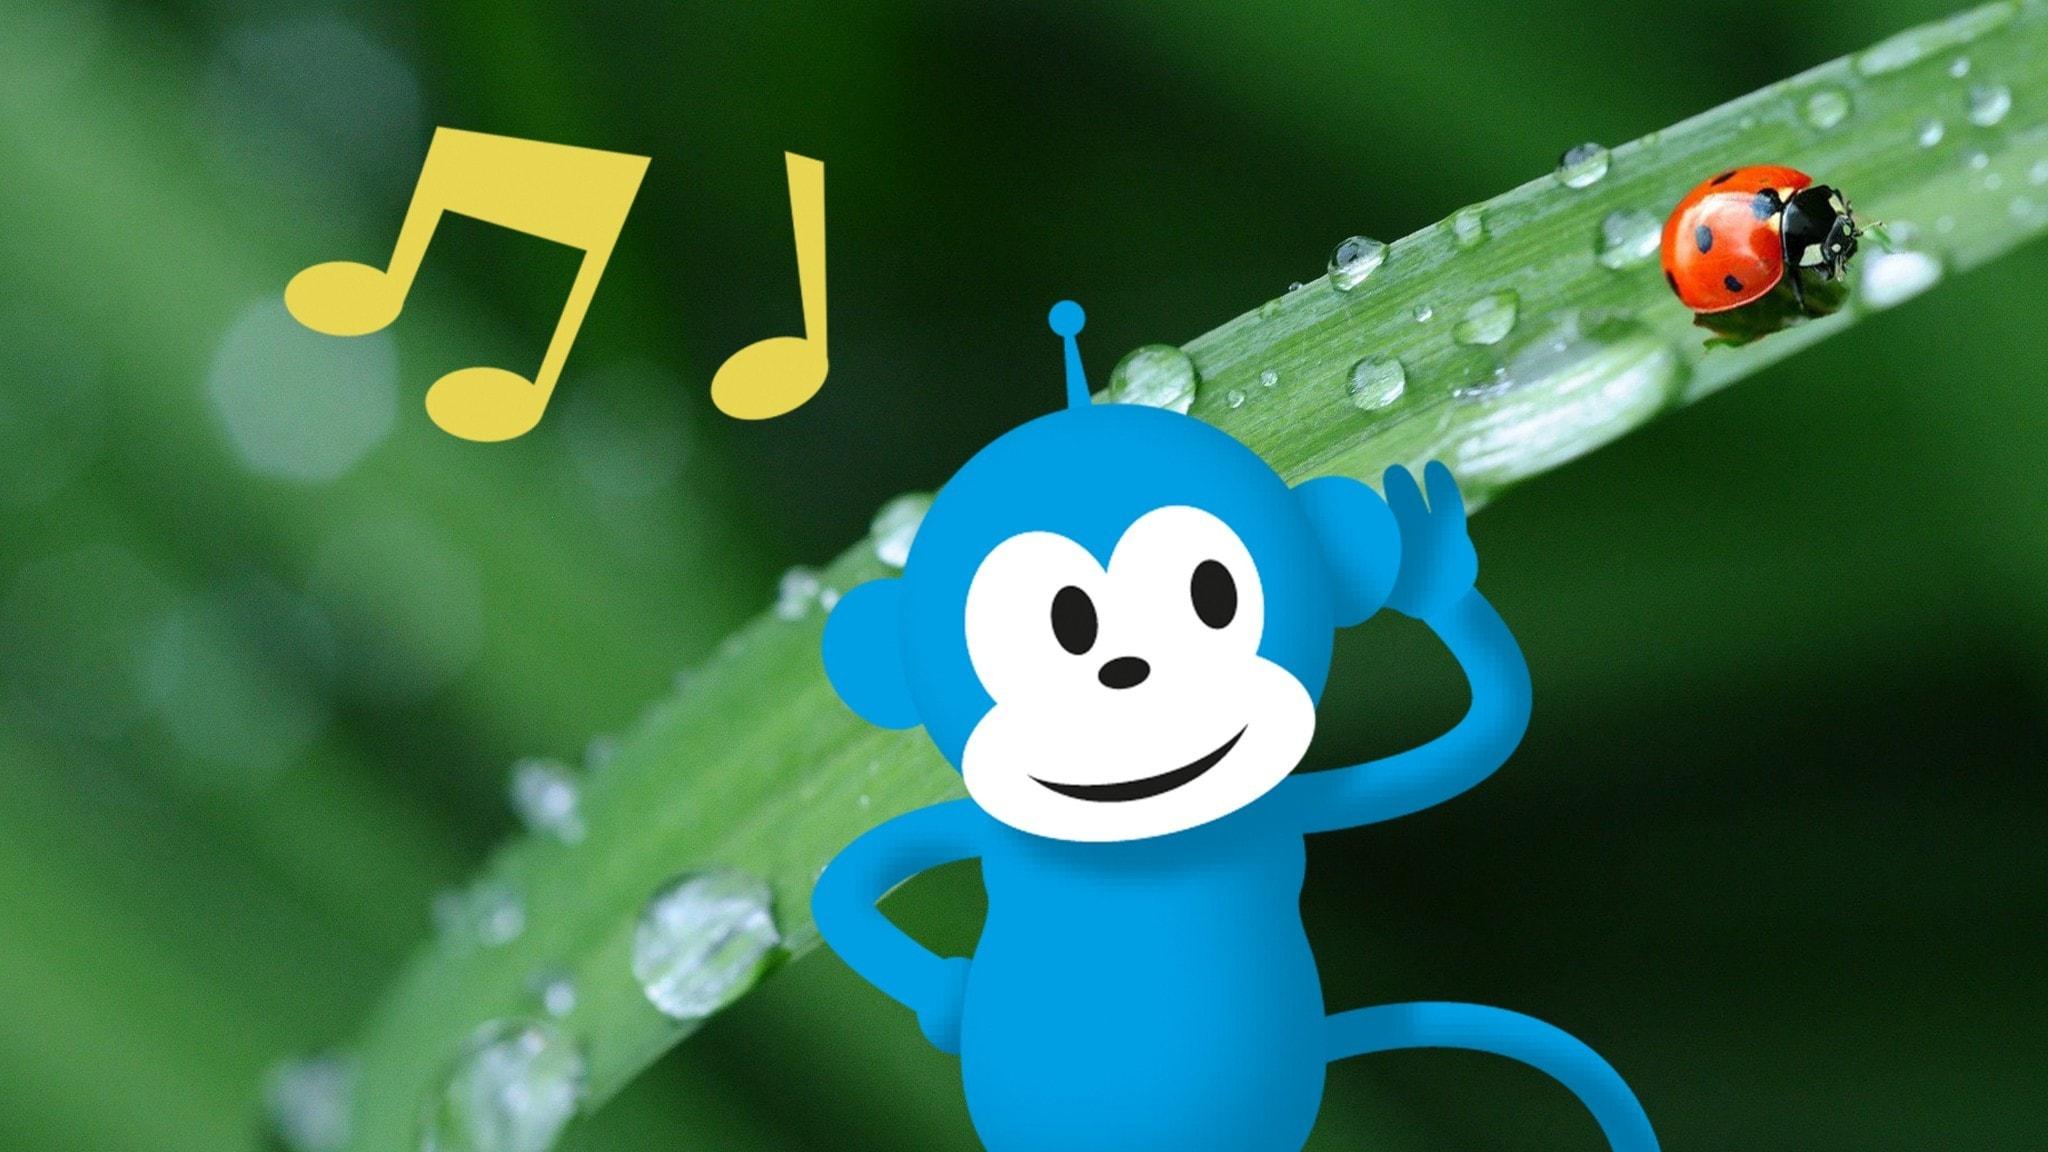 Radioapan lyssnar på en nyckelpiga som kryper på ett grässtrå. Foto på nyckelpigan: Från Pixabay